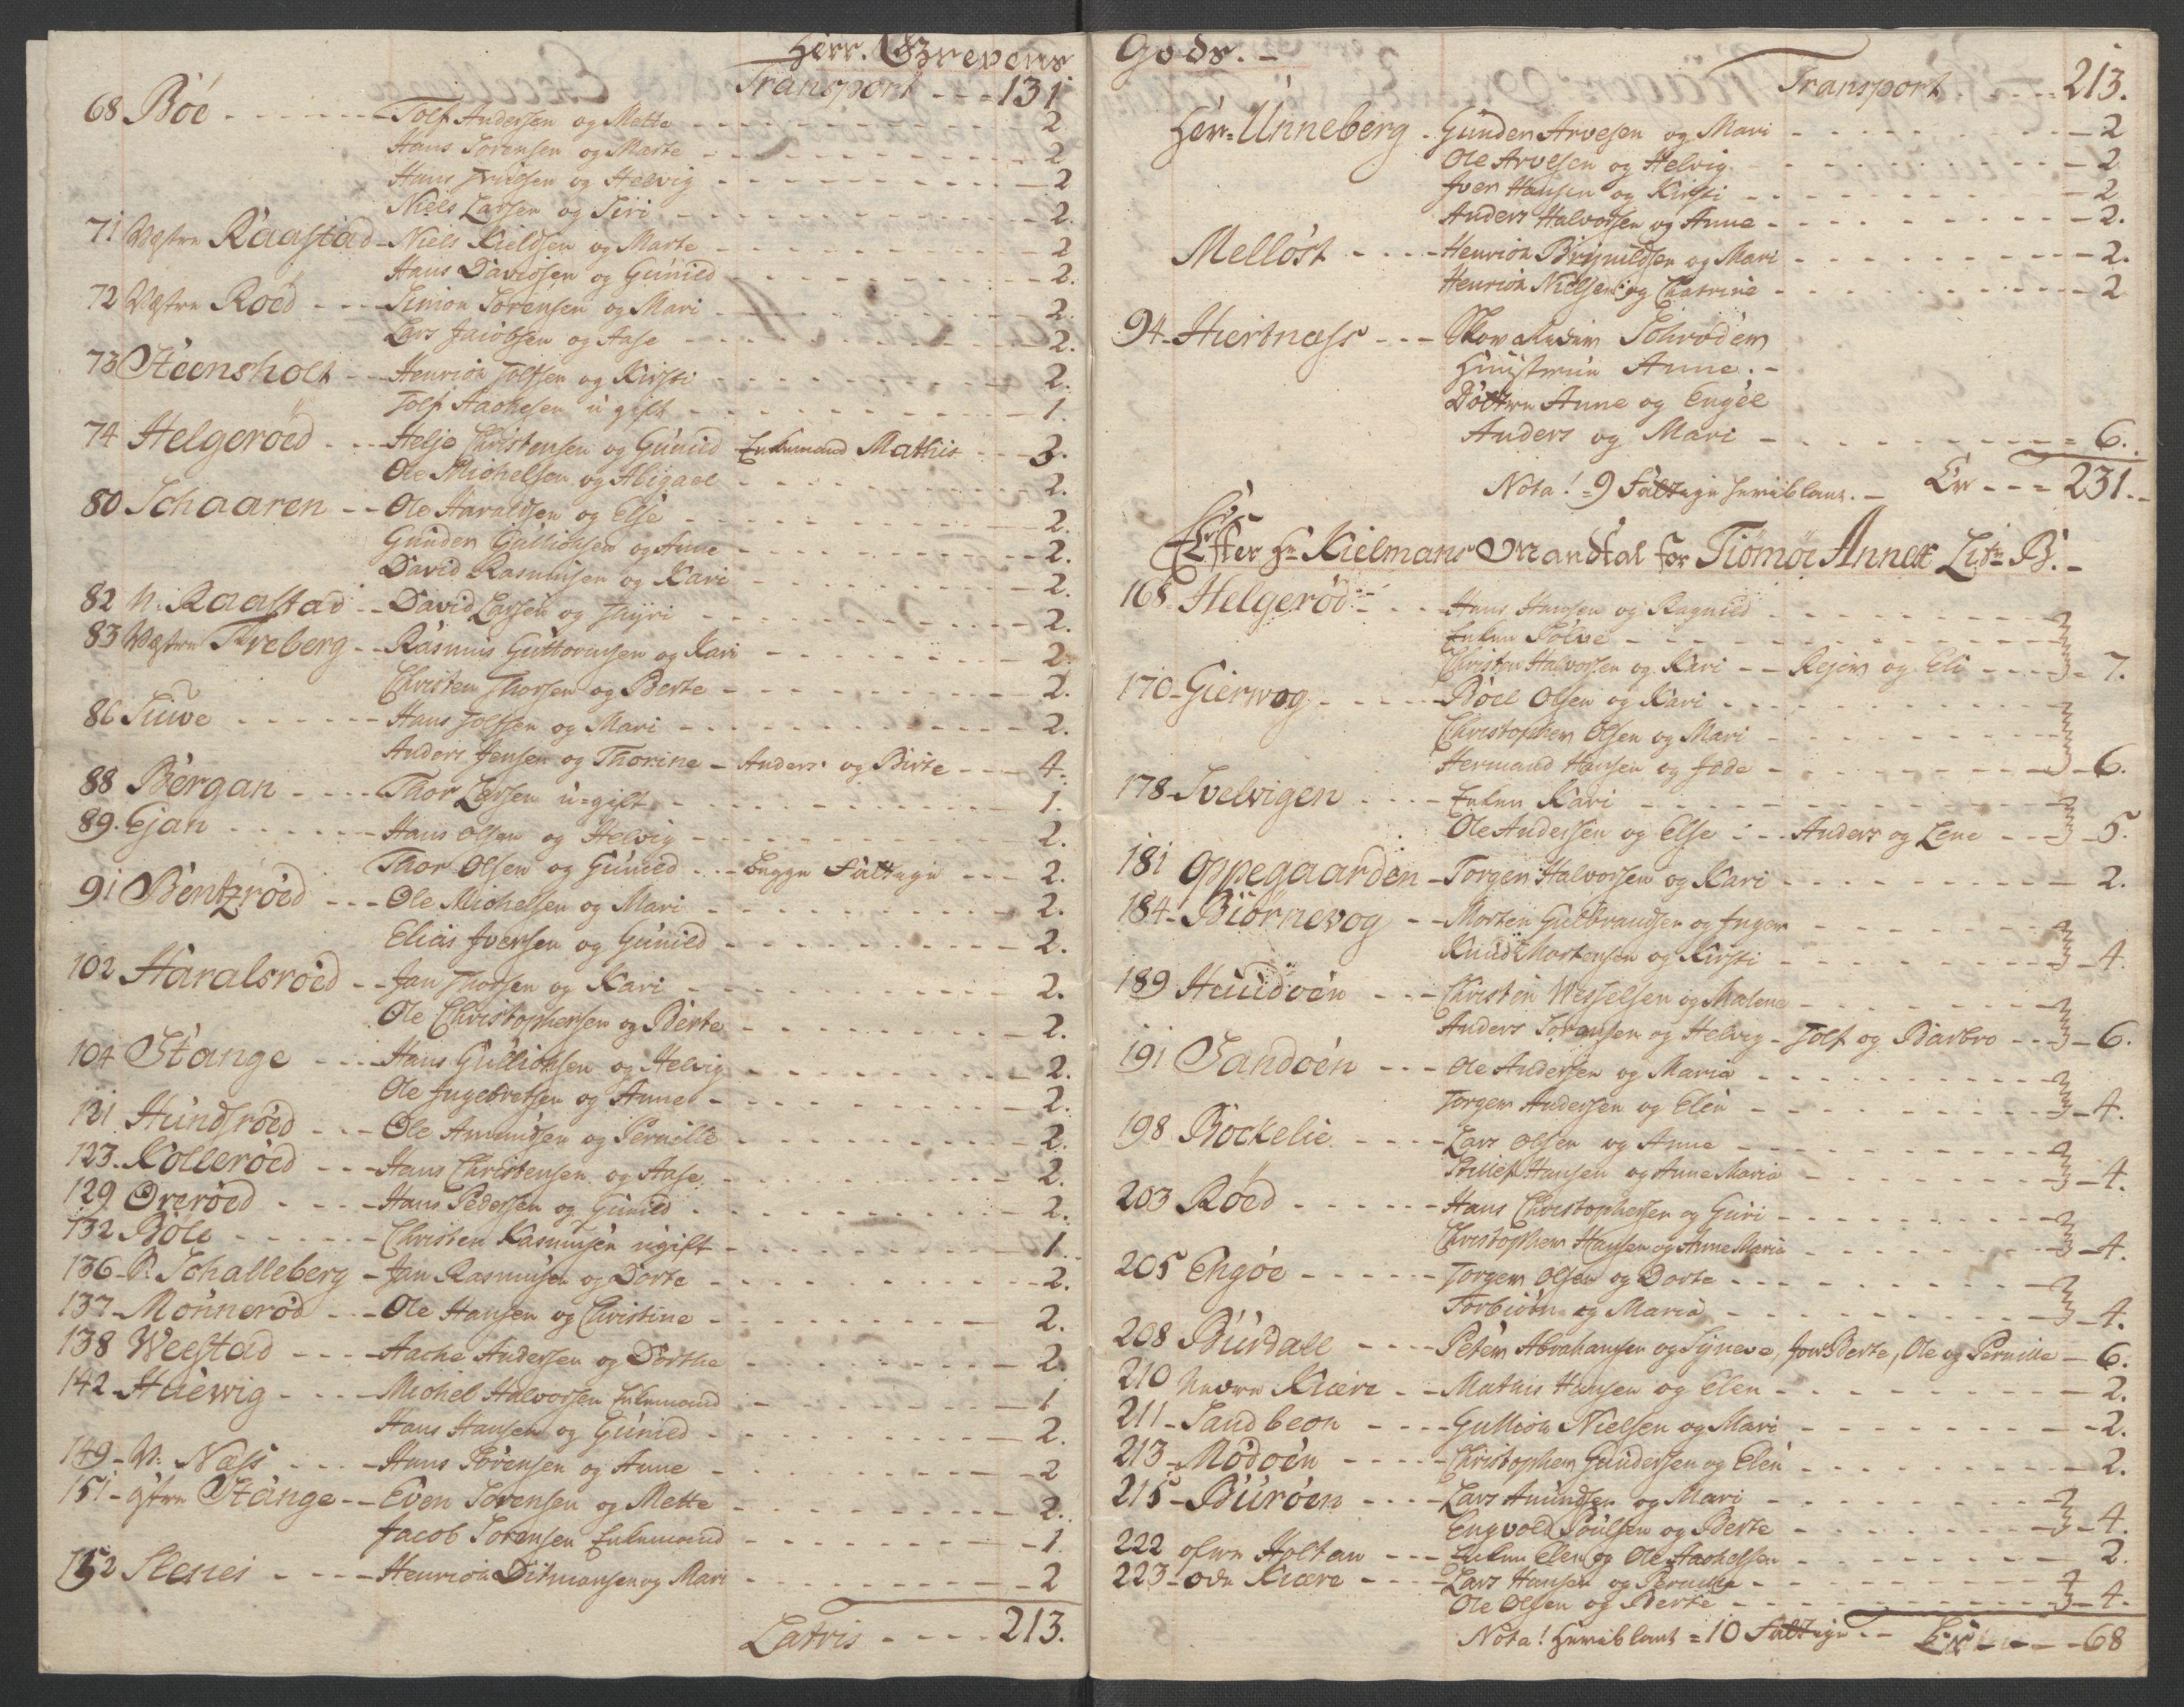 RA, Rentekammeret inntil 1814, Reviderte regnskaper, Fogderegnskap, R33/L2033: Ekstraskatten Larvik grevskap, 1762-1764, s. 550